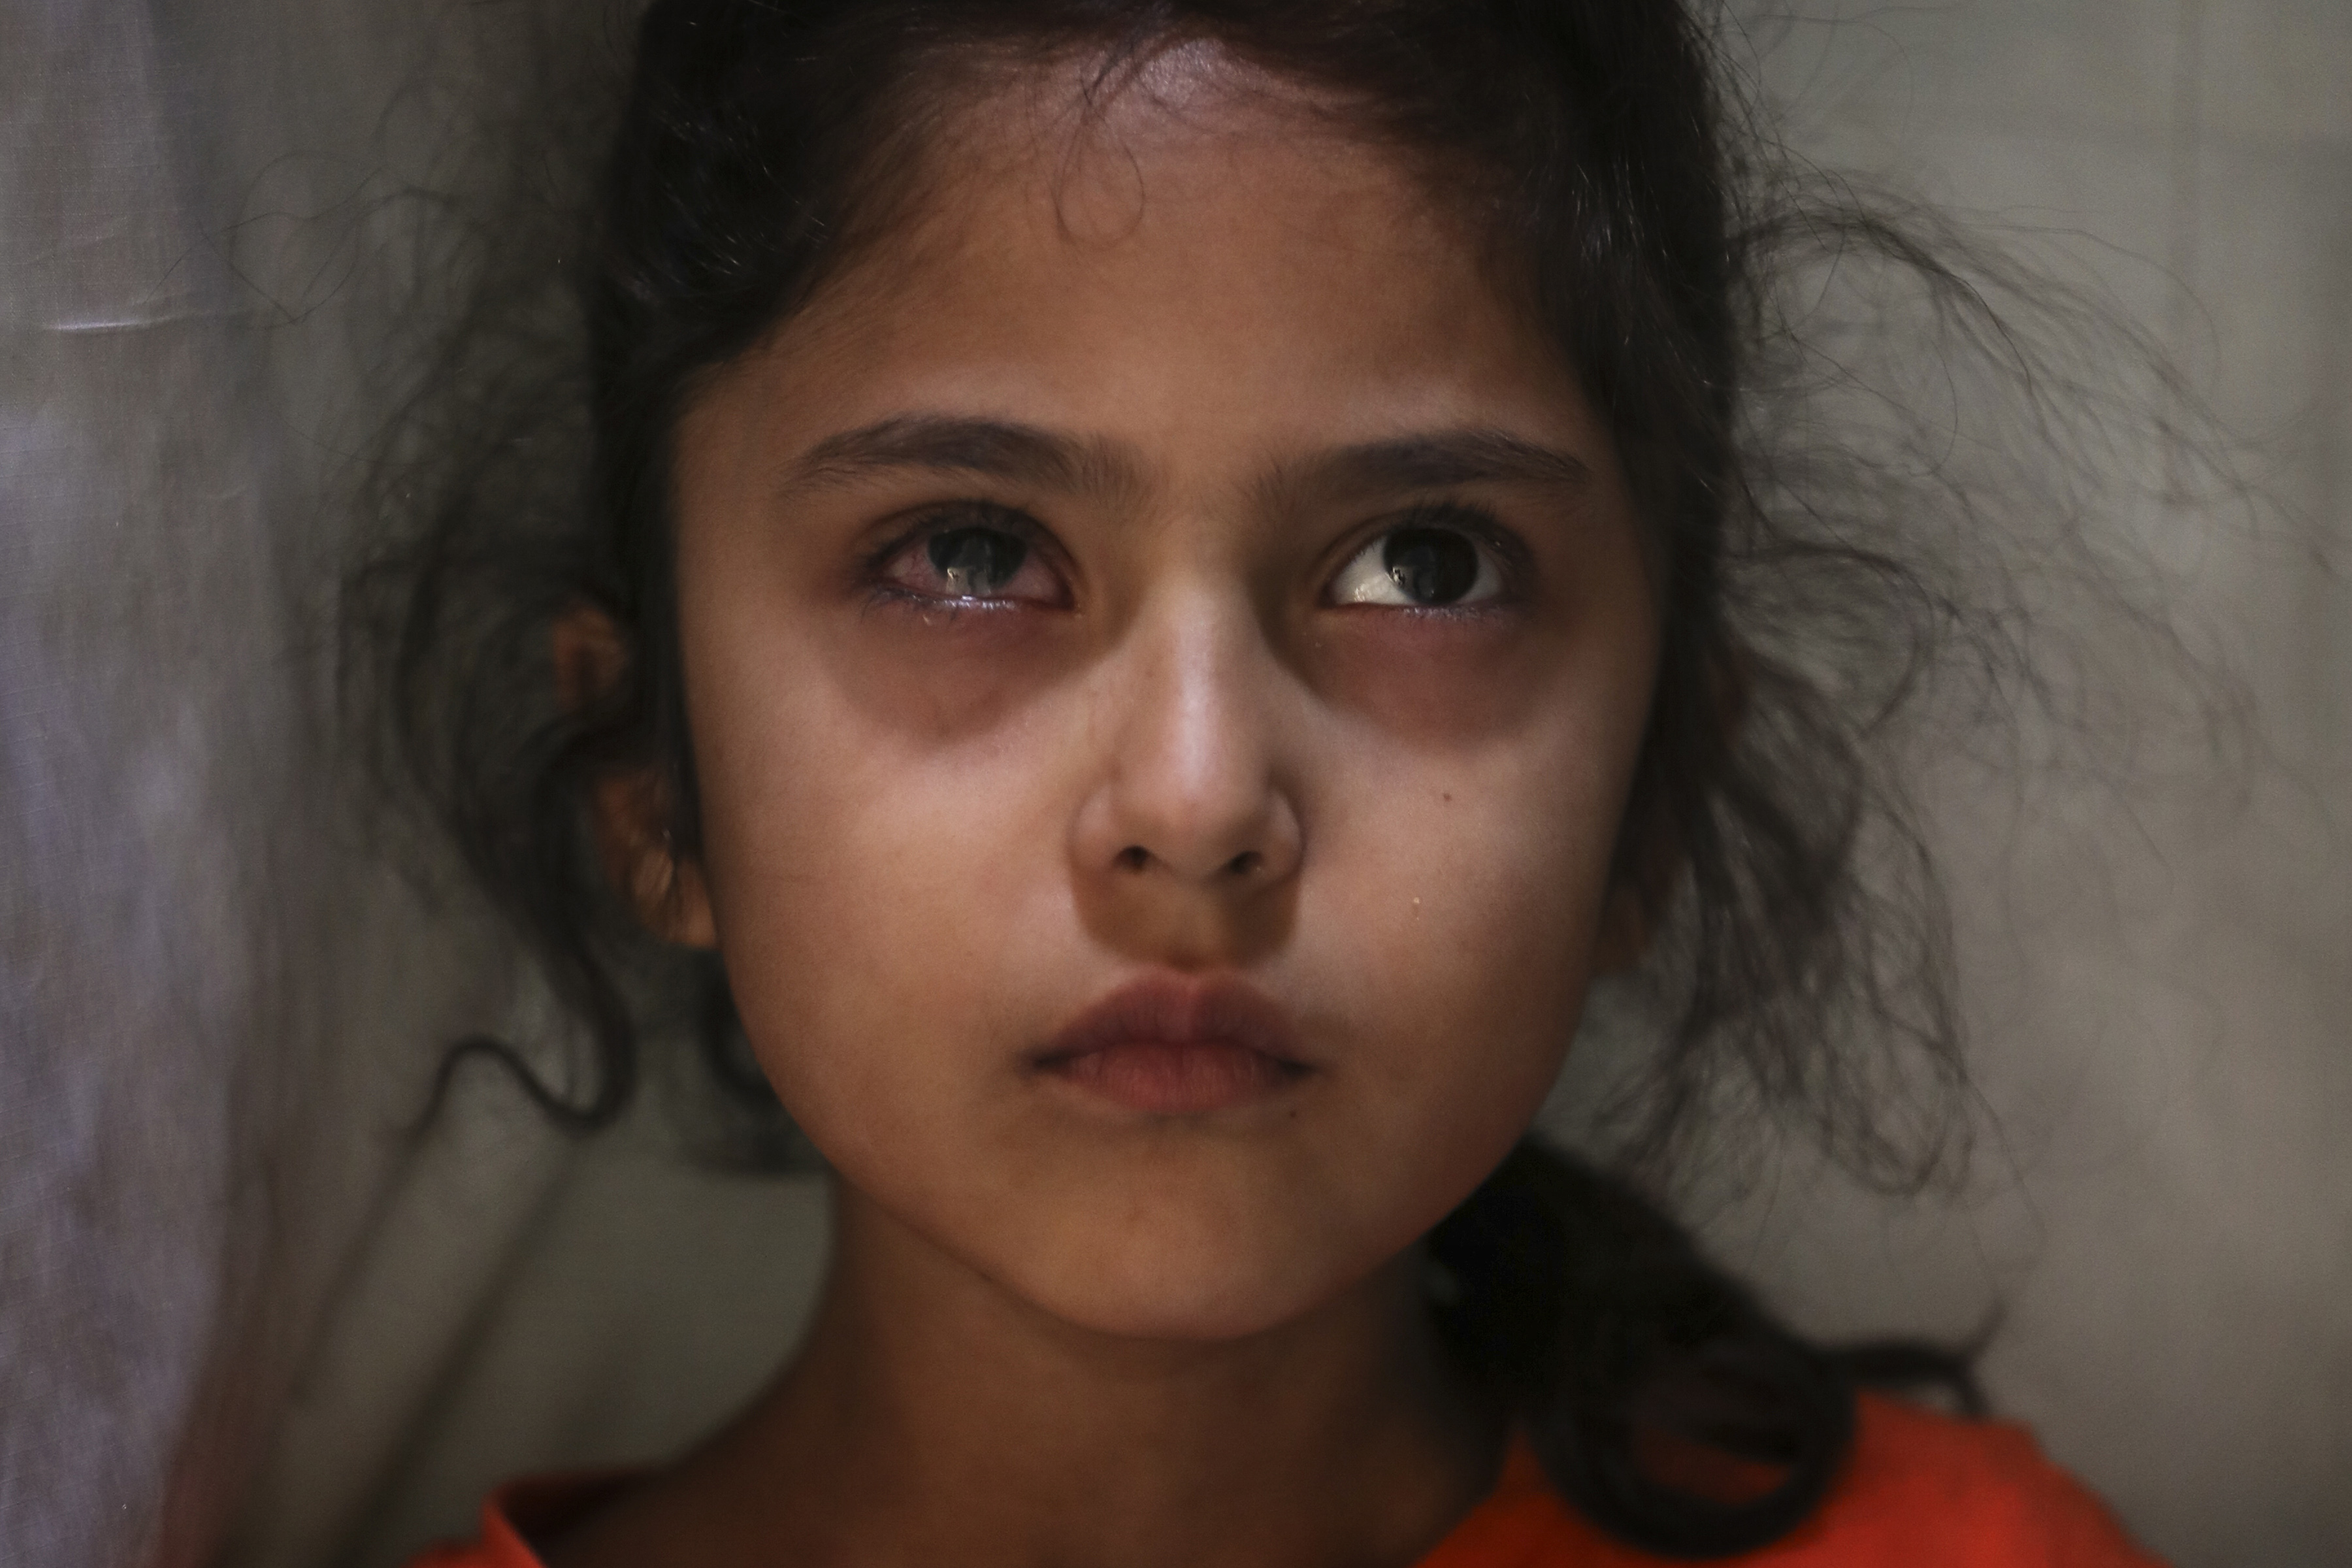 Muneefa Nazir, de seis años, una niña de Cachemira cuyo ojo derecho fue golpeado por una bola de mármol disparada supuestamente por soldados paramilitares indios el 12 de agosto, se encuentra frente a su casa en Srinagar, Cachemira. (Foto AP / Mukhtar Khan)